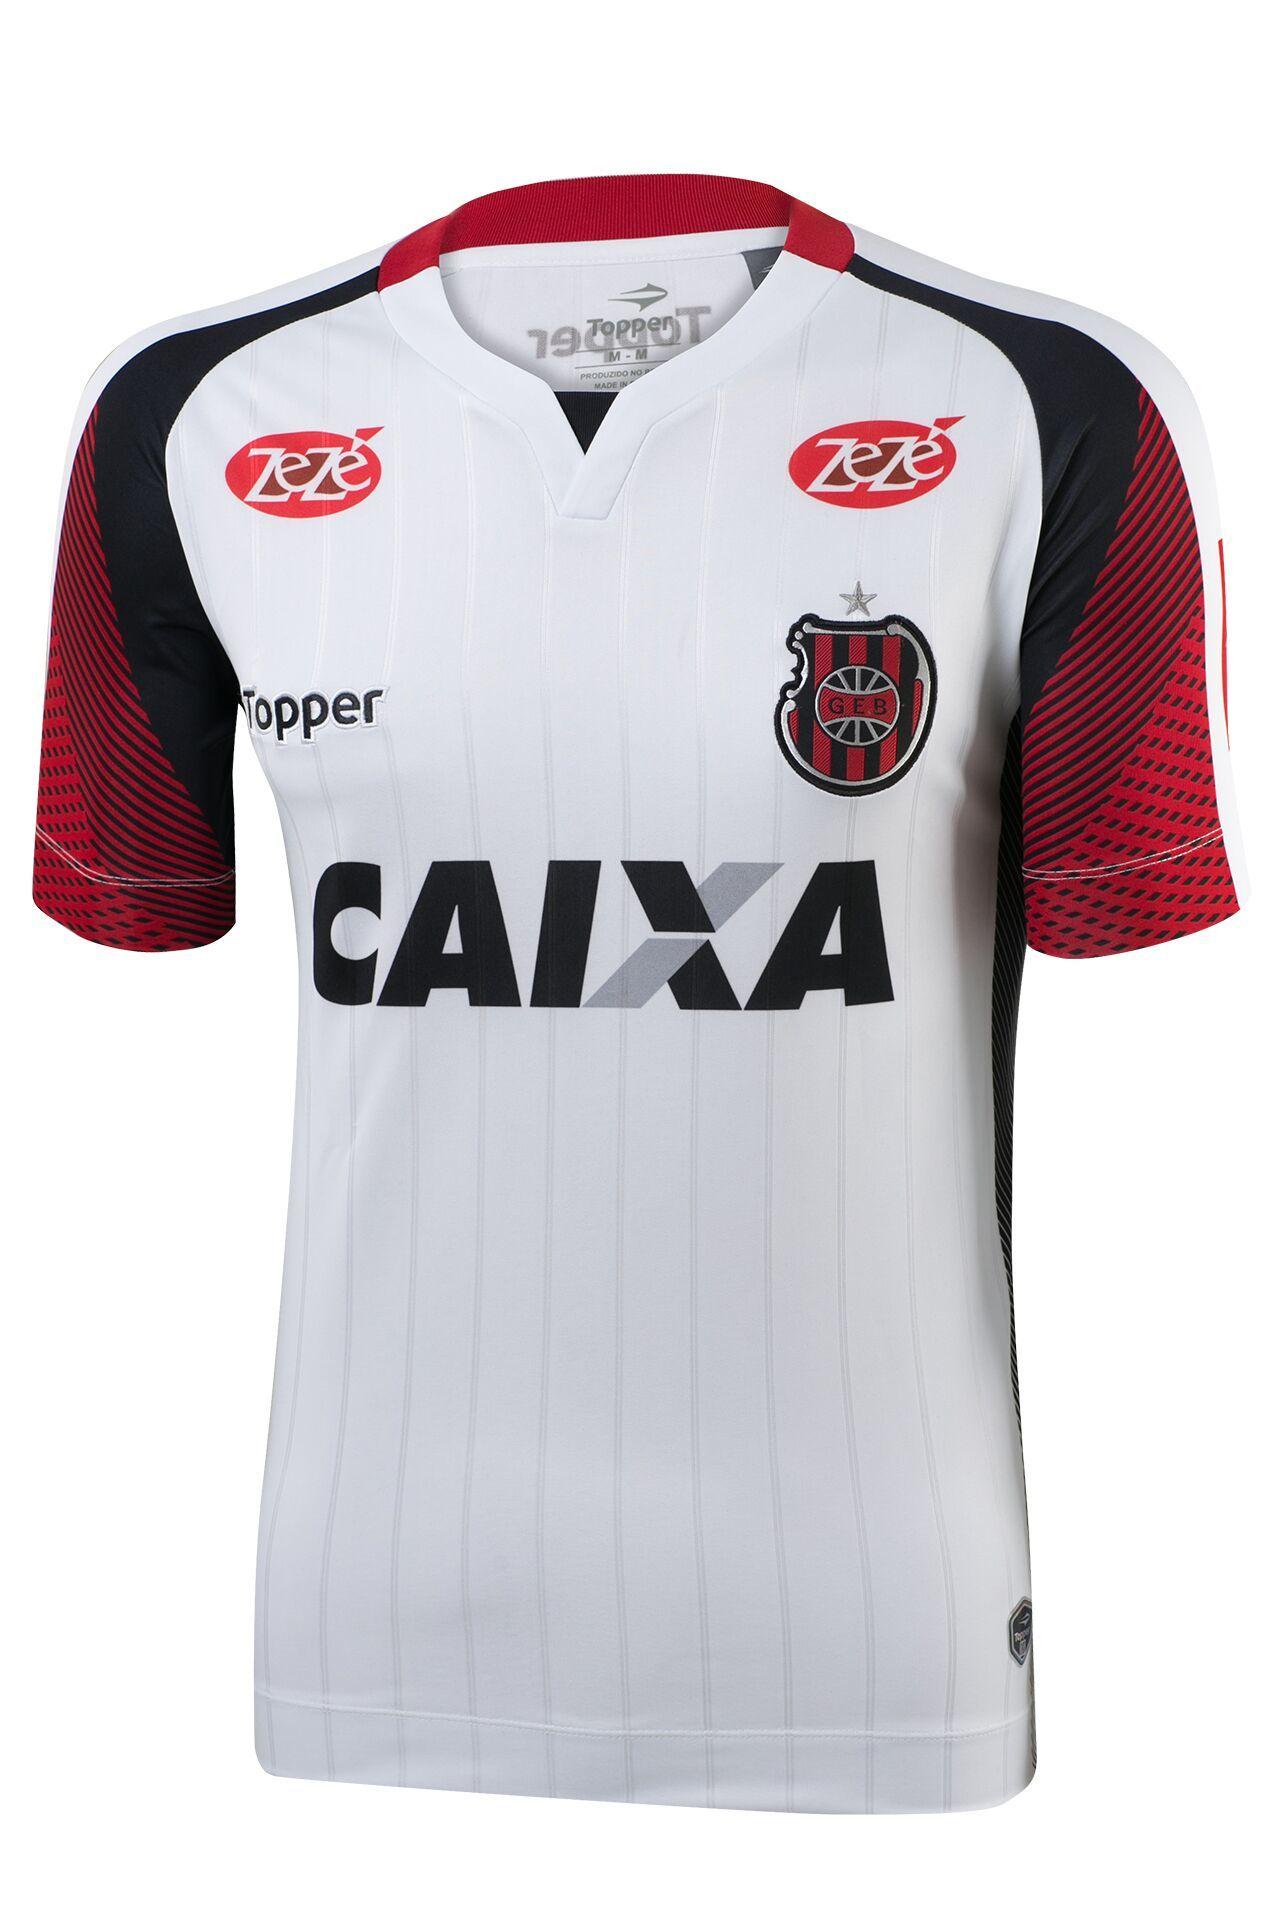 Nova camisa 3 do Corinthians homenageia piloto Ayrton Senna  a6f800563b1b5